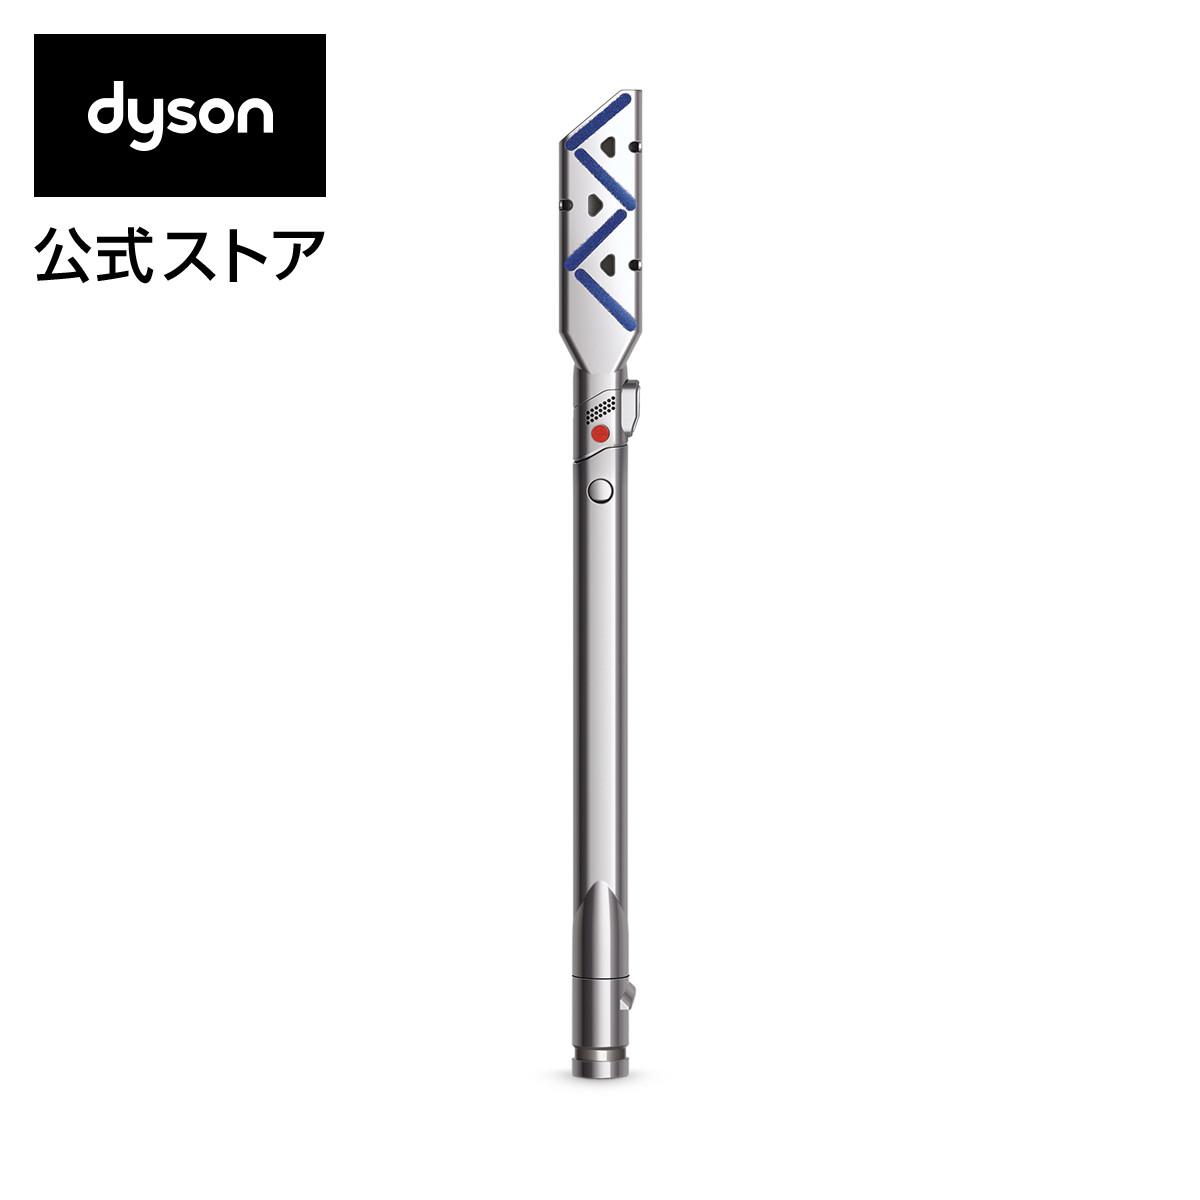 ダイソン リーチアンダーツール|Dyson Reach under tool【新品】